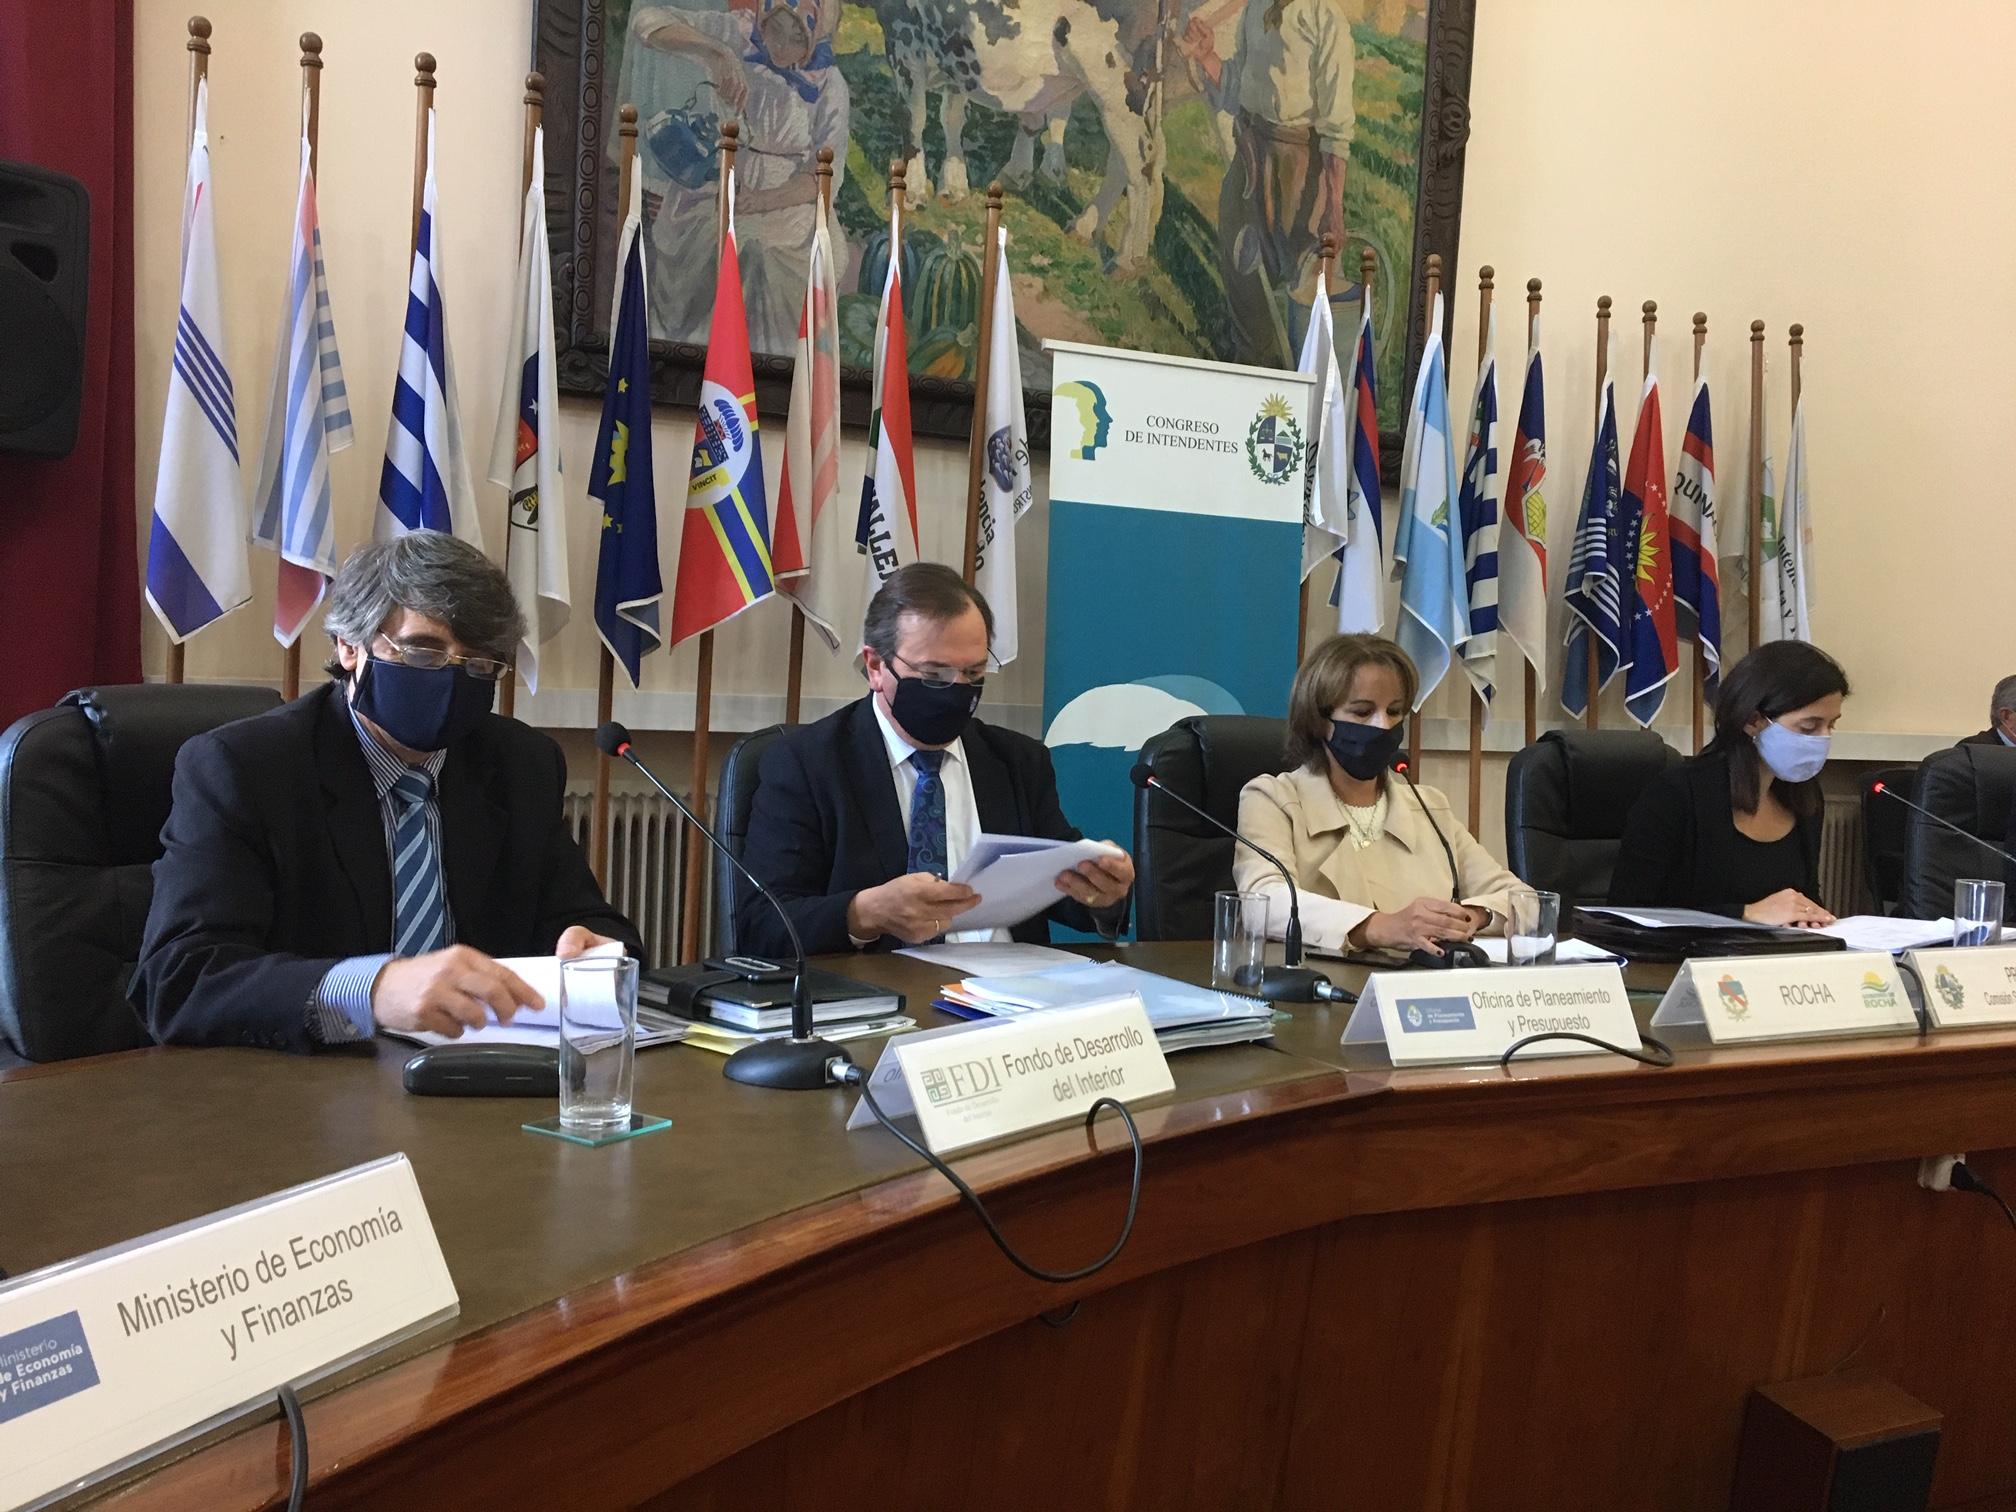 Sesión de la Comisión Sectorial de Descentralización del 14 de mayo